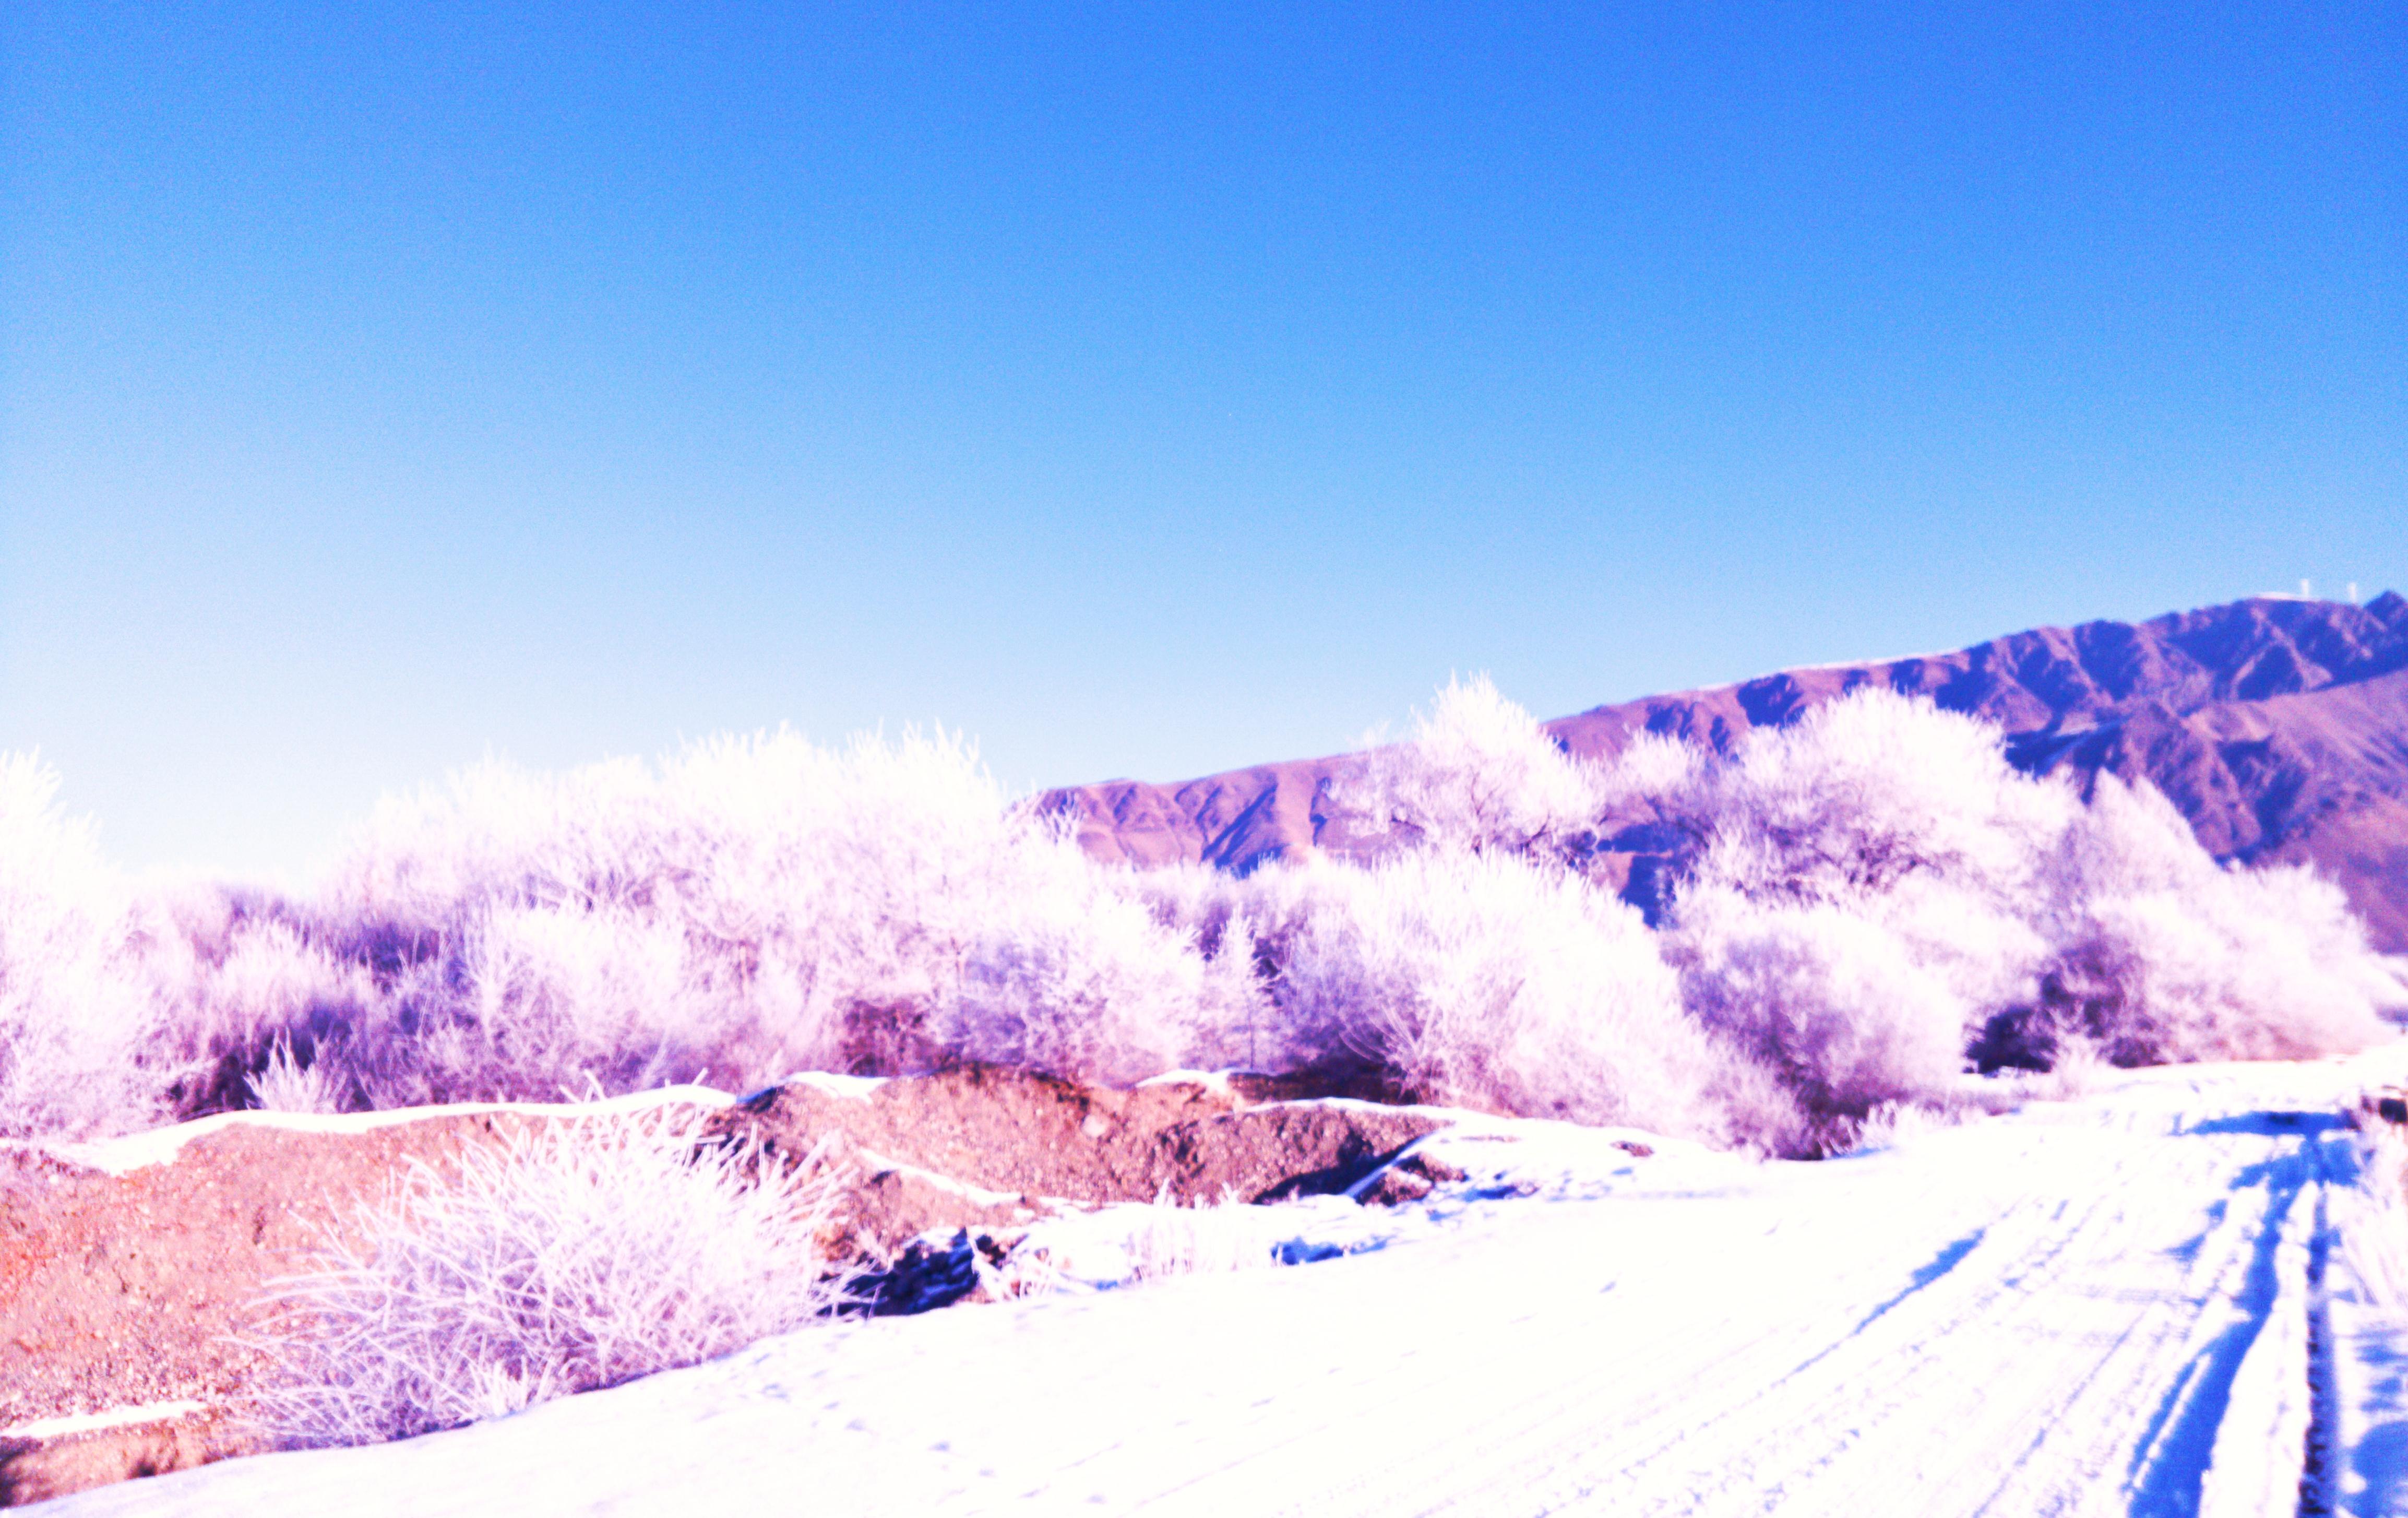 雪景45.jpg